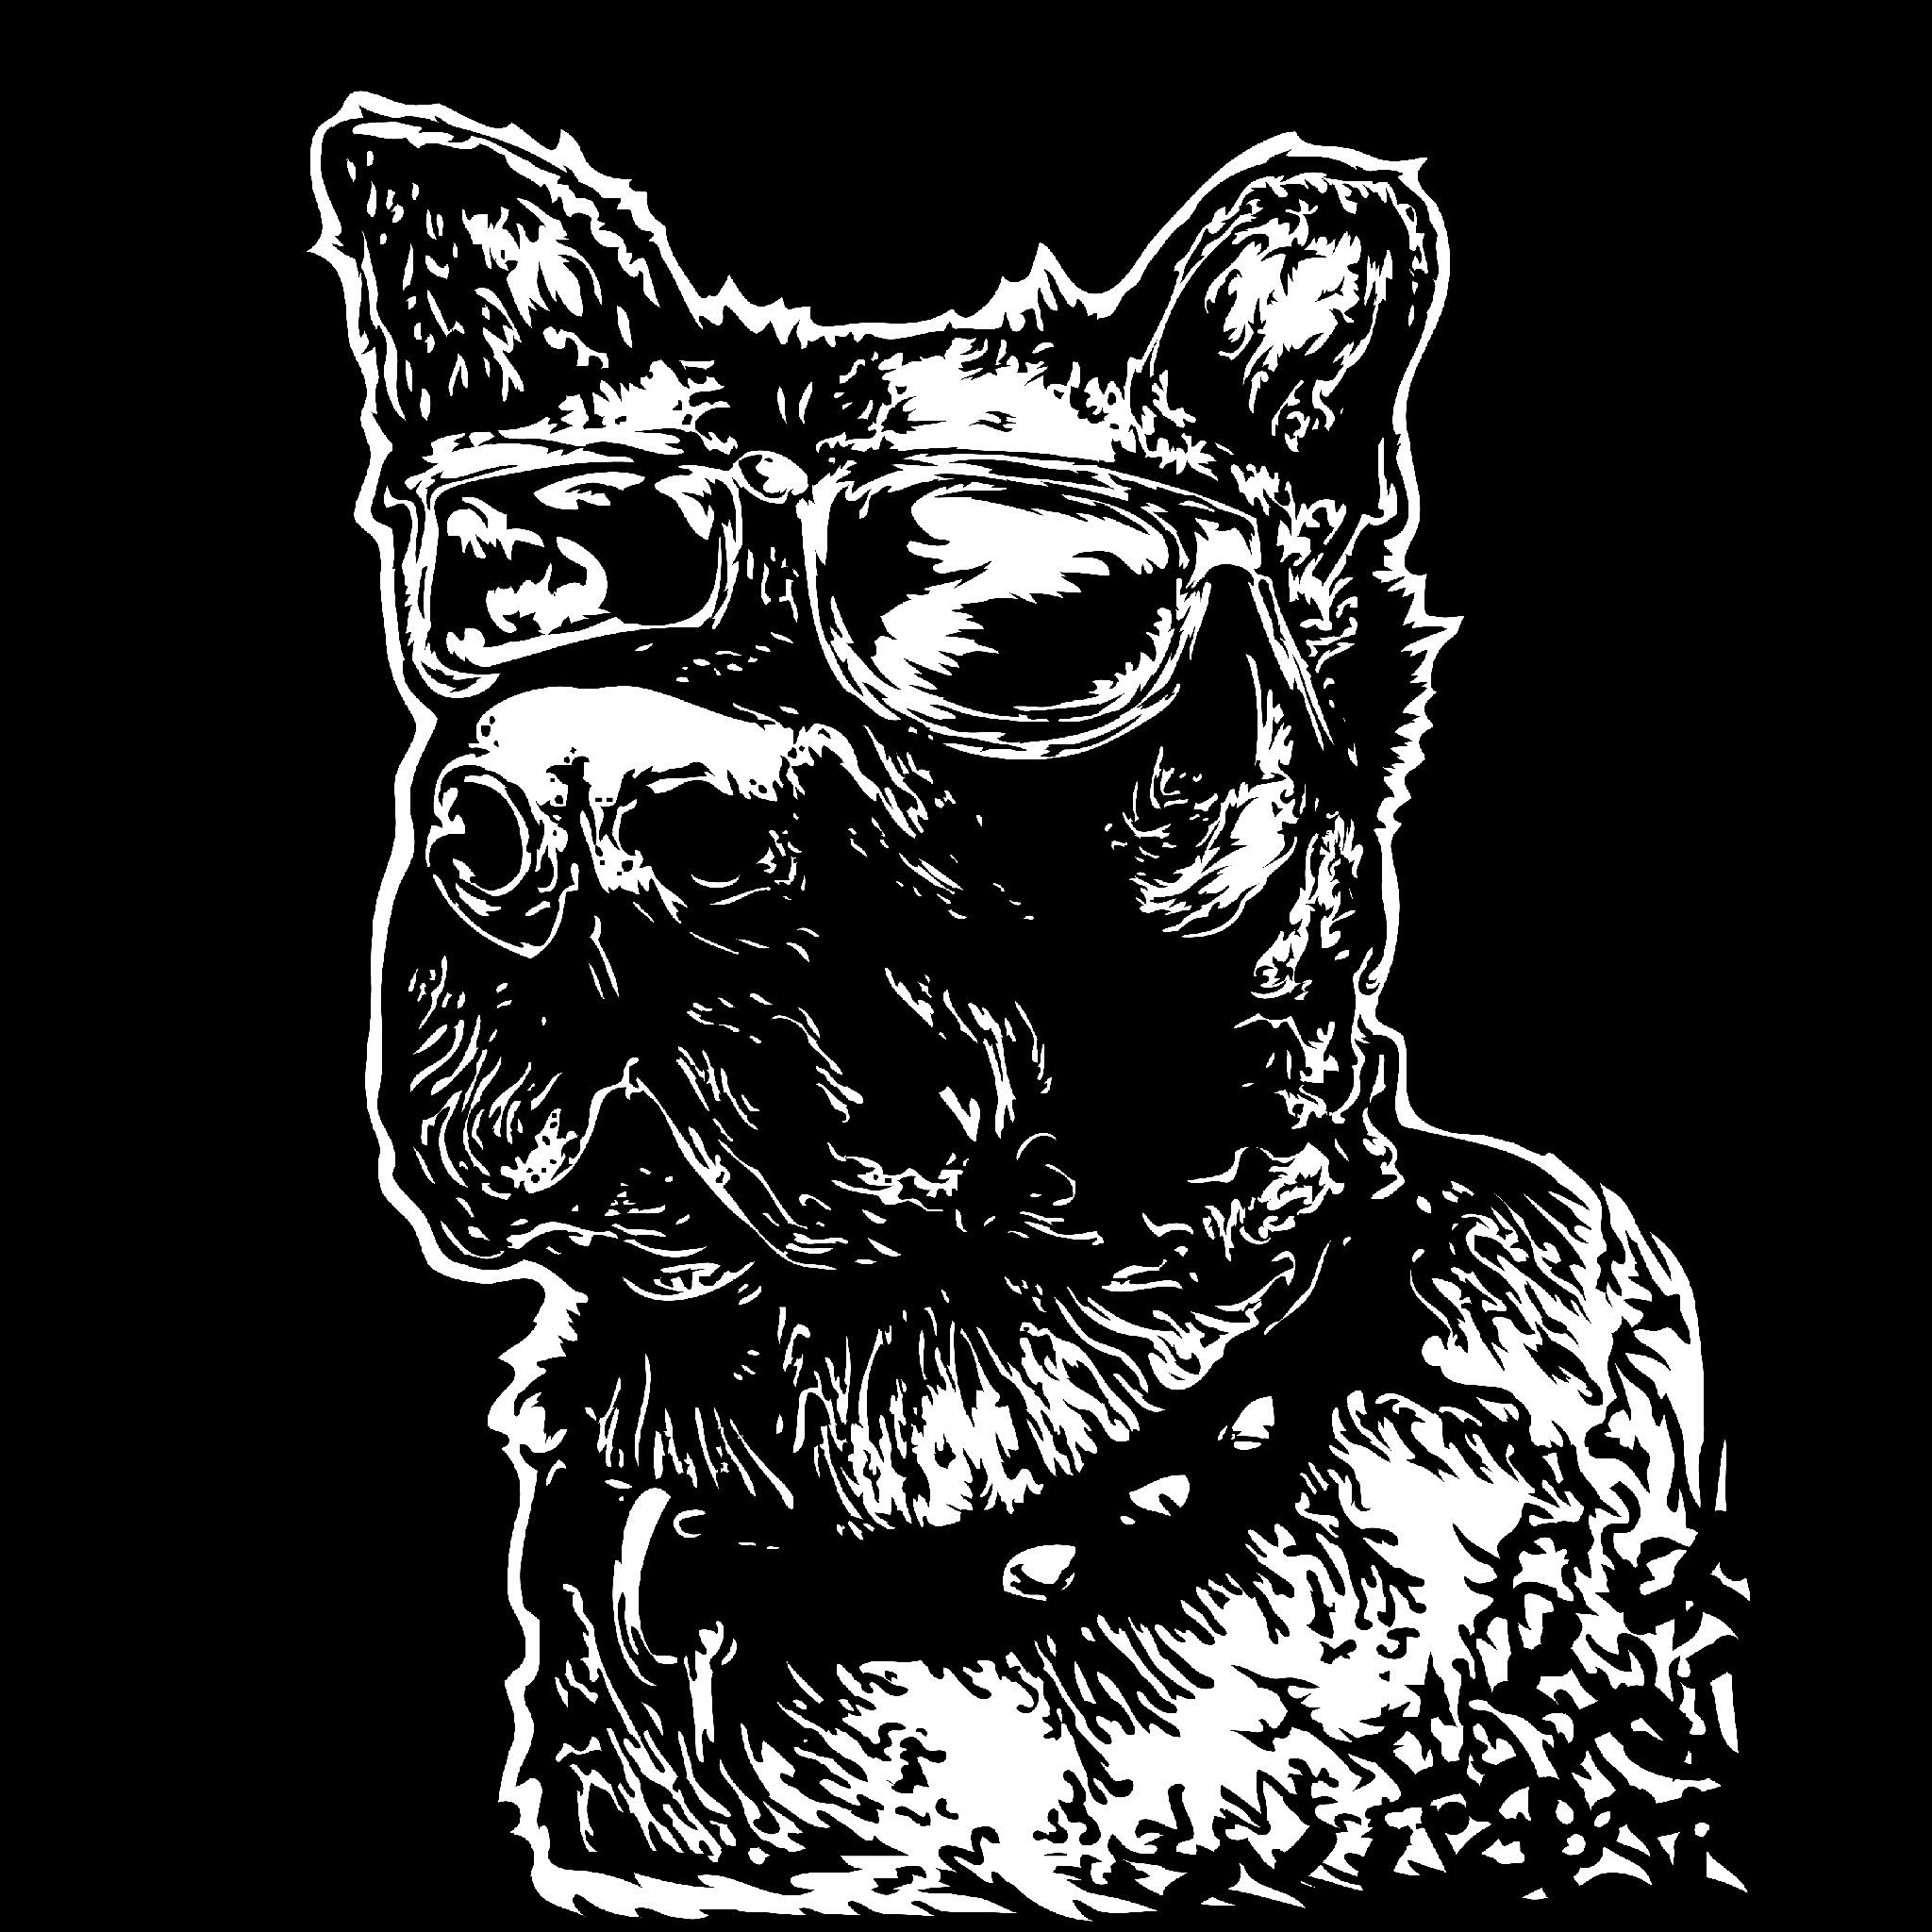 Jameson the dog